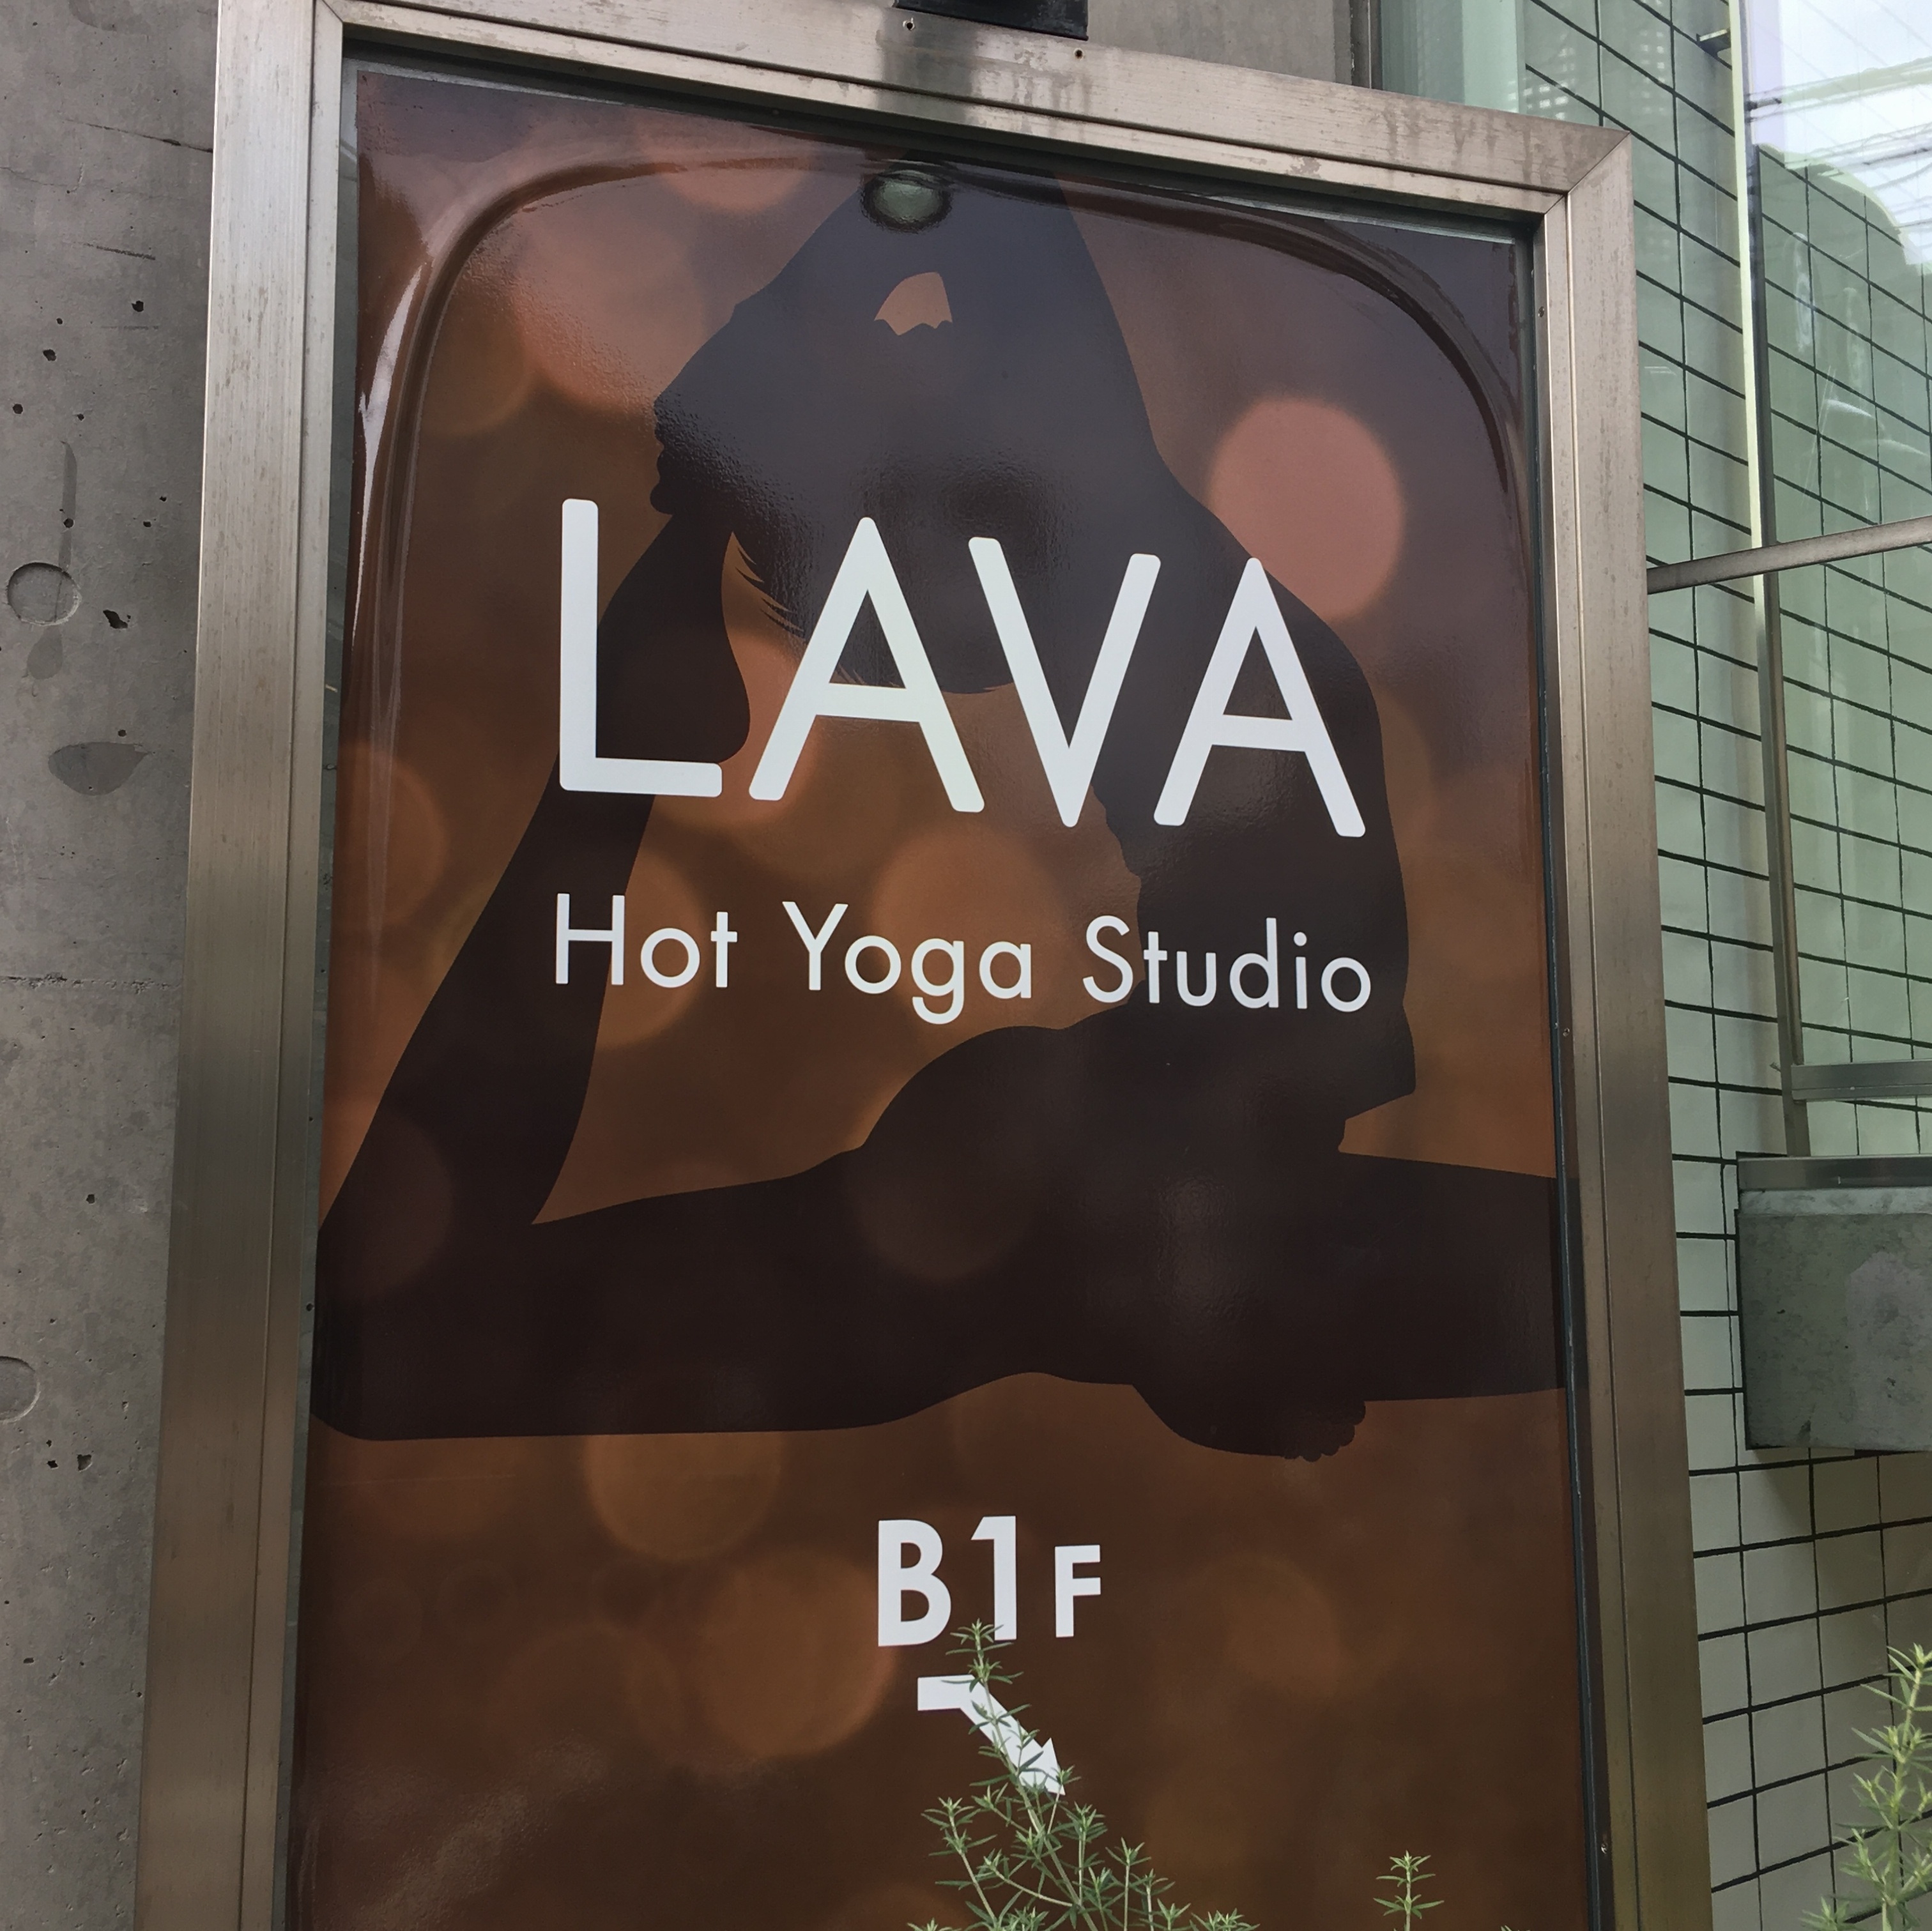 ホットヨガスタジオ・LAVAで心も体もリフレッシュ☆_1